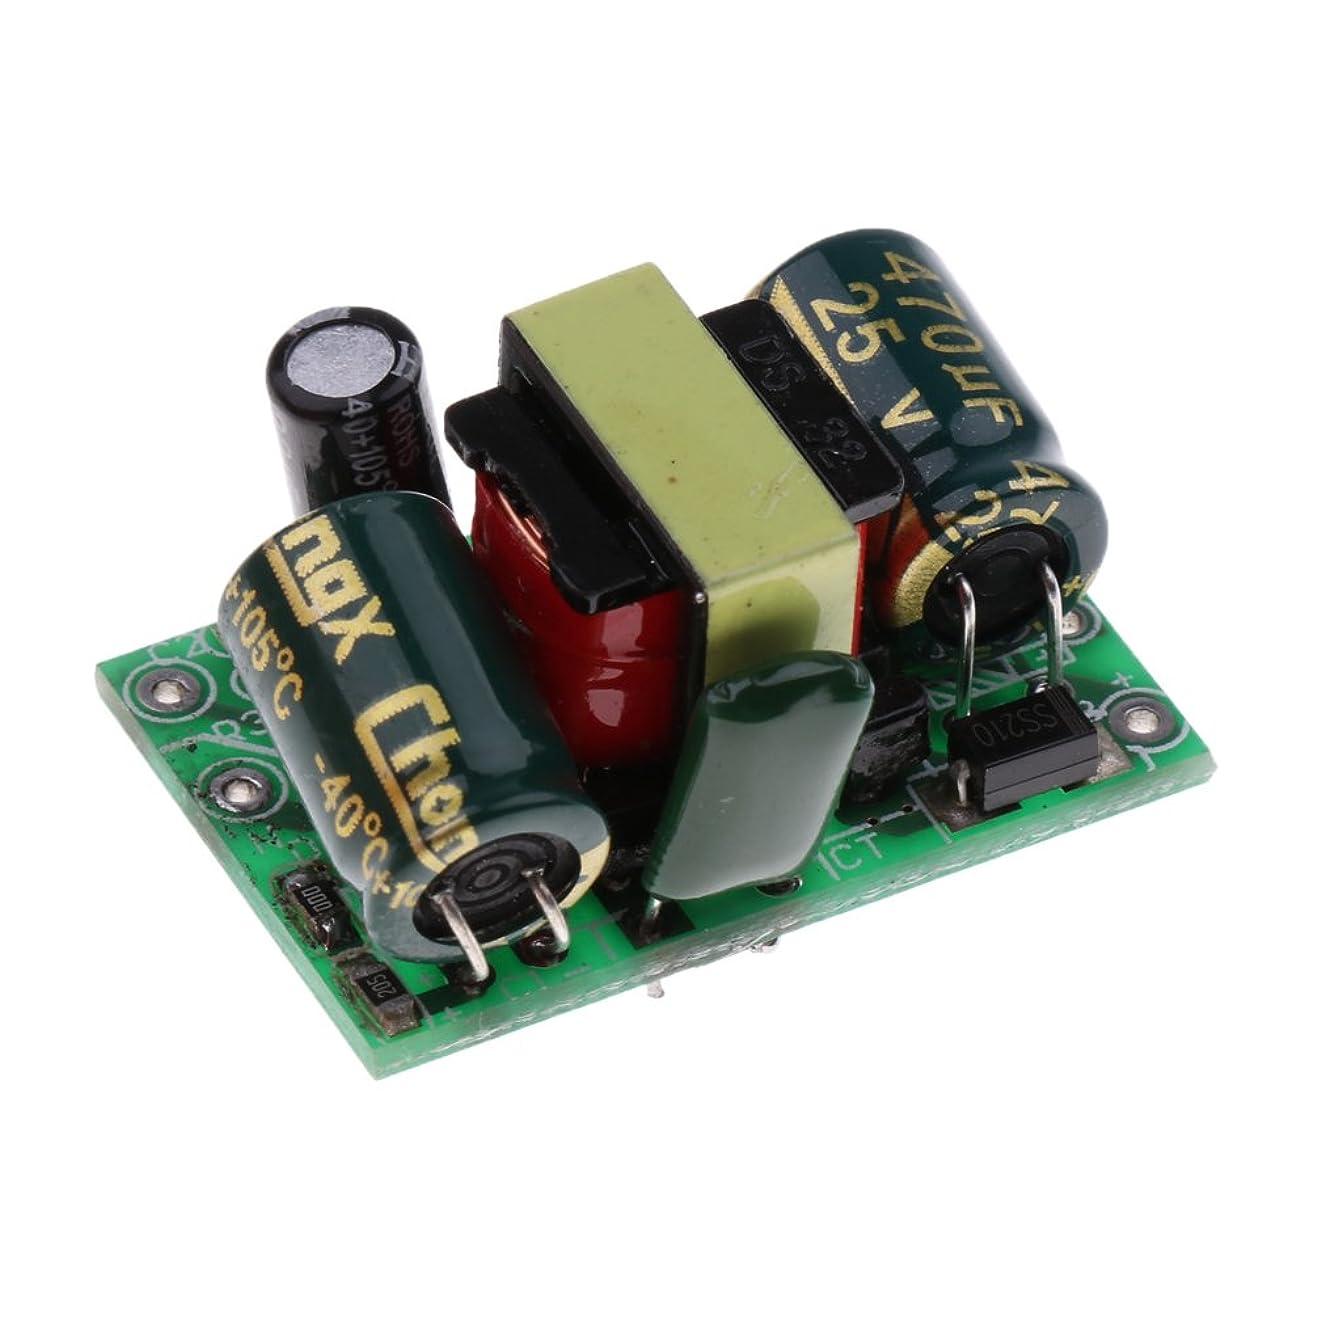 まあ高揚した居住者4.8W AC-DC 降圧ボード 絶縁型スイッチング 電源モジュール 12V 400MAスイッチング電源モジュール